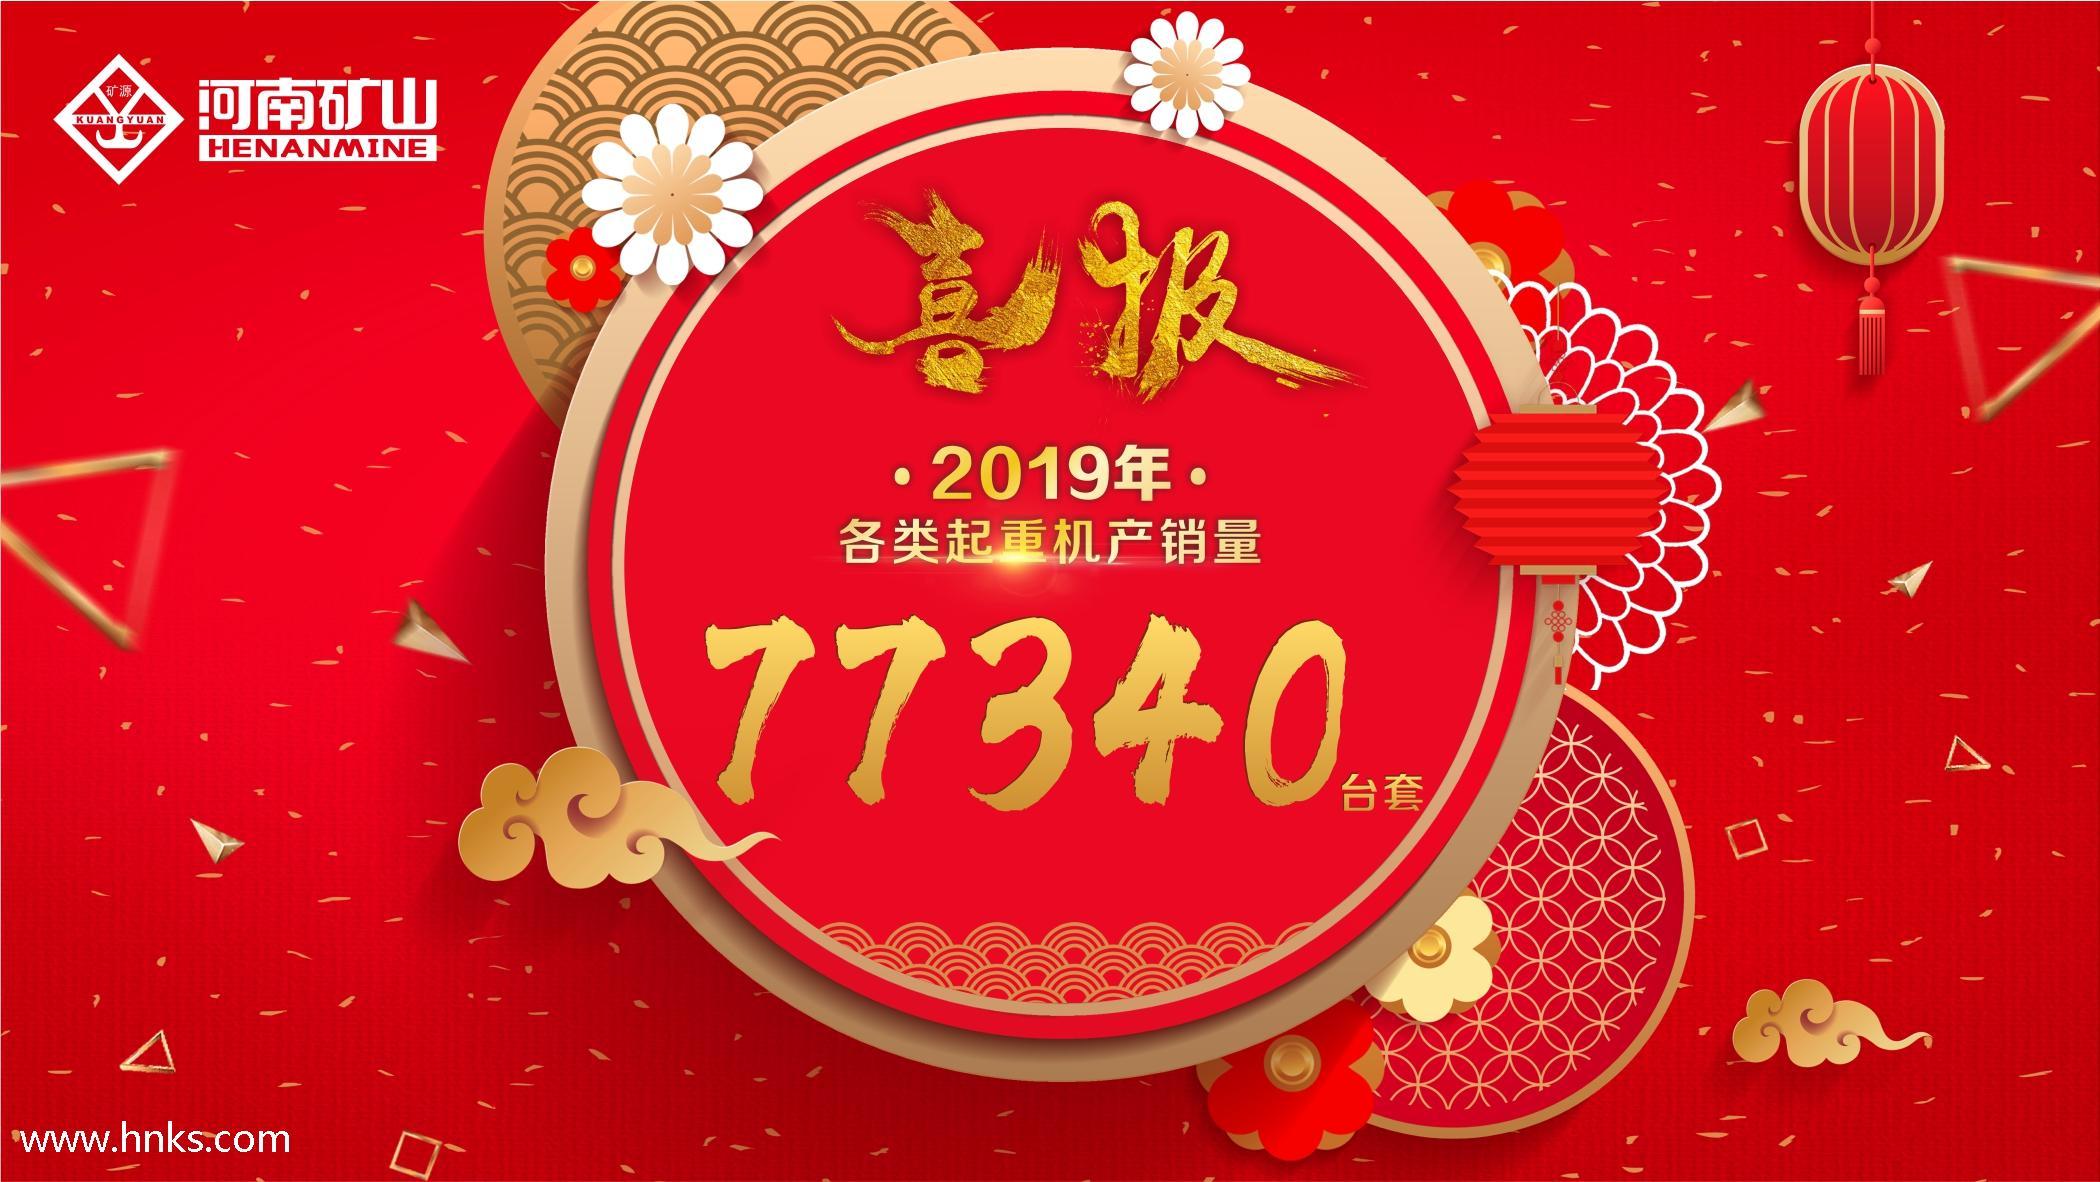 河南矿山2019年各类起重机产销量77340台套-河南矿山沈阳分